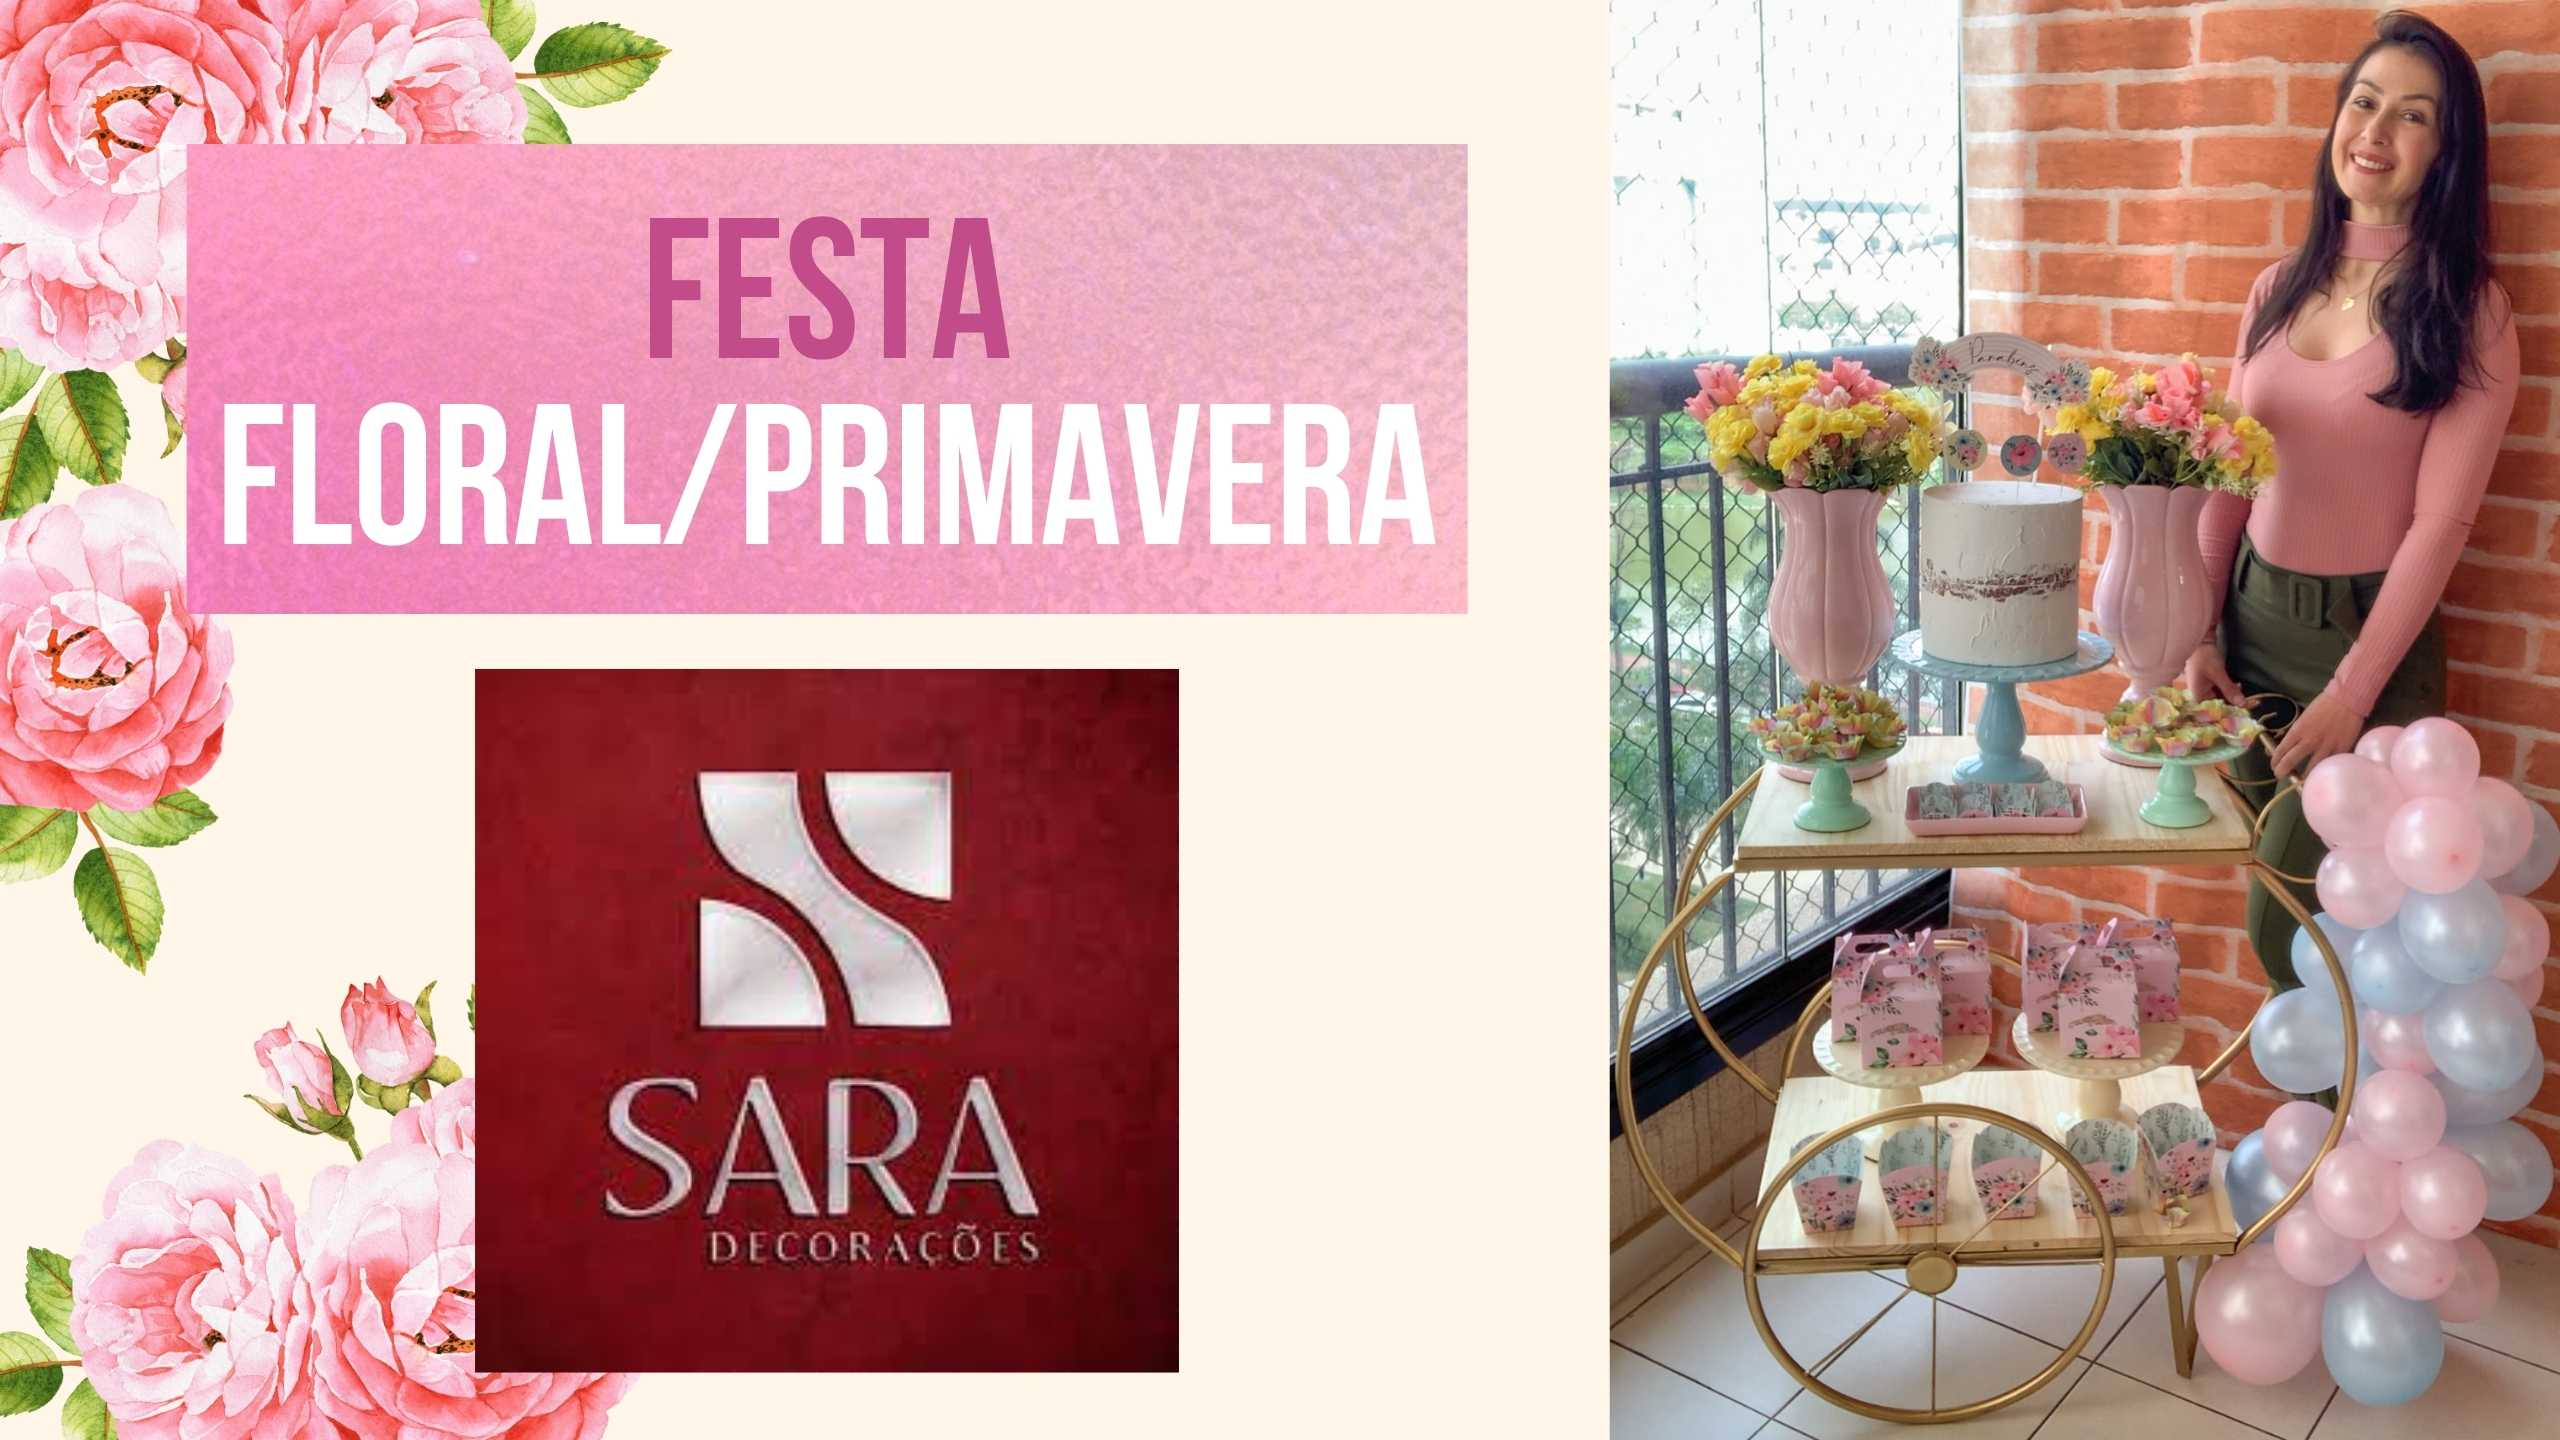 Festa Floral com produtos da Sara Loja Decorações